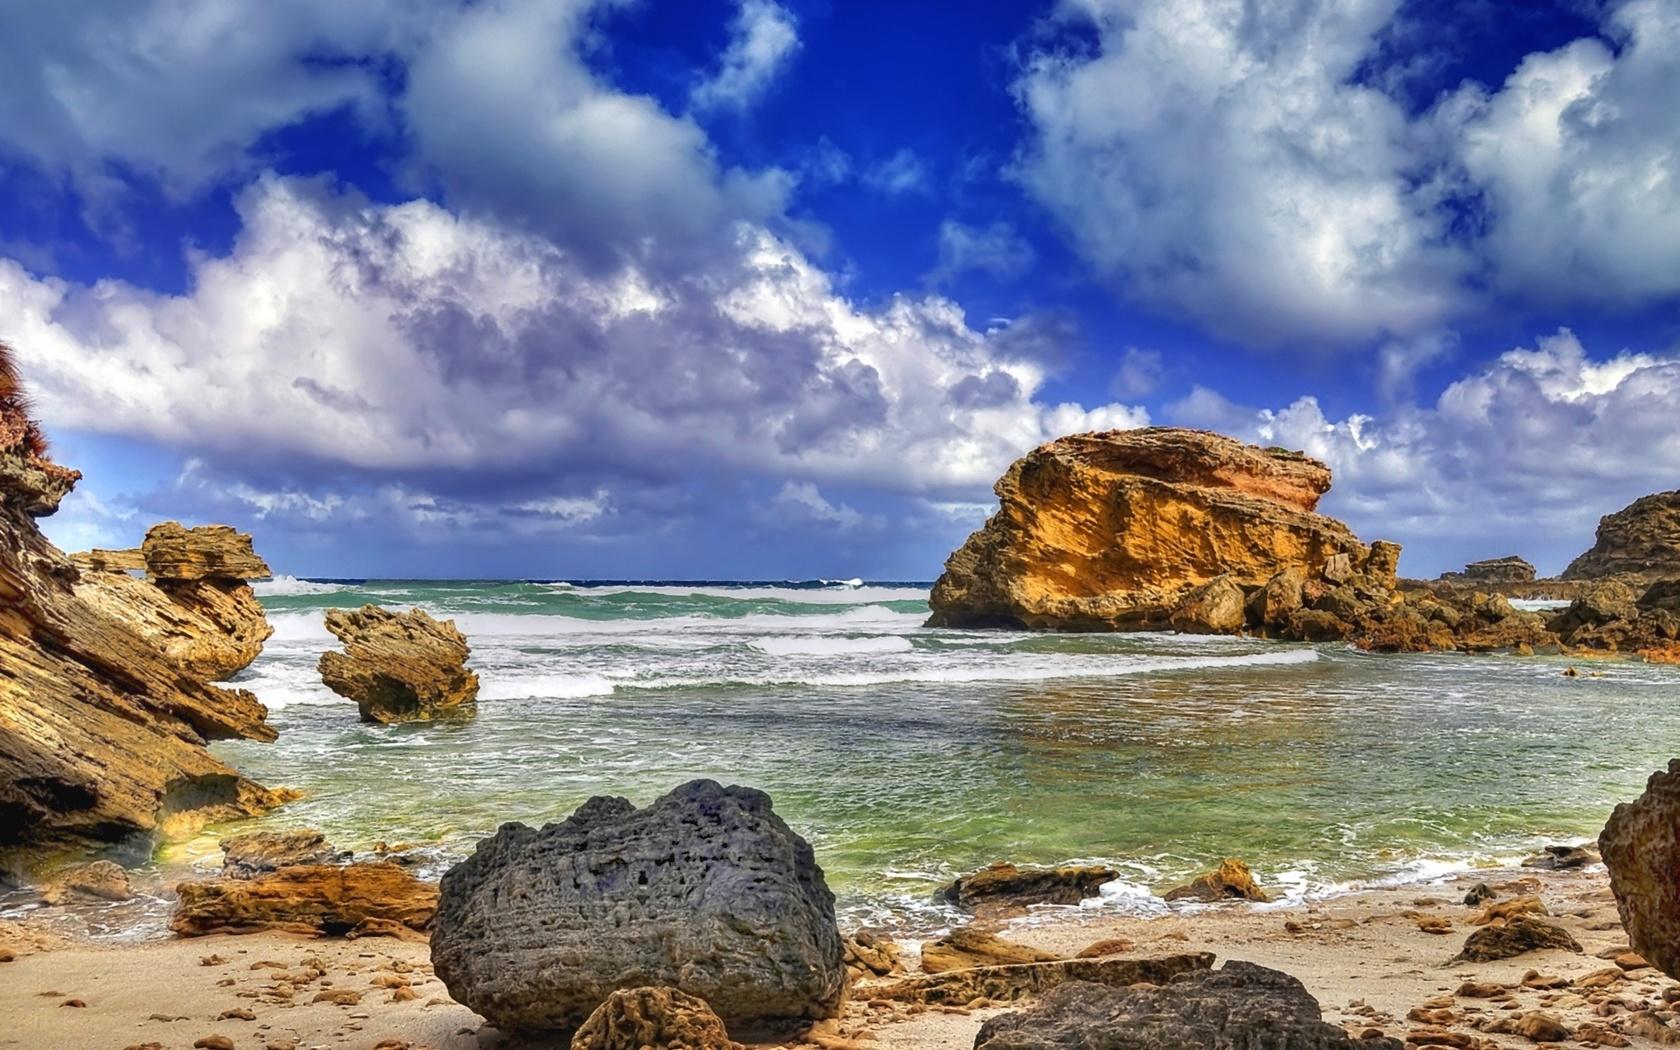 океанский берег фото вопрос типовым проектам